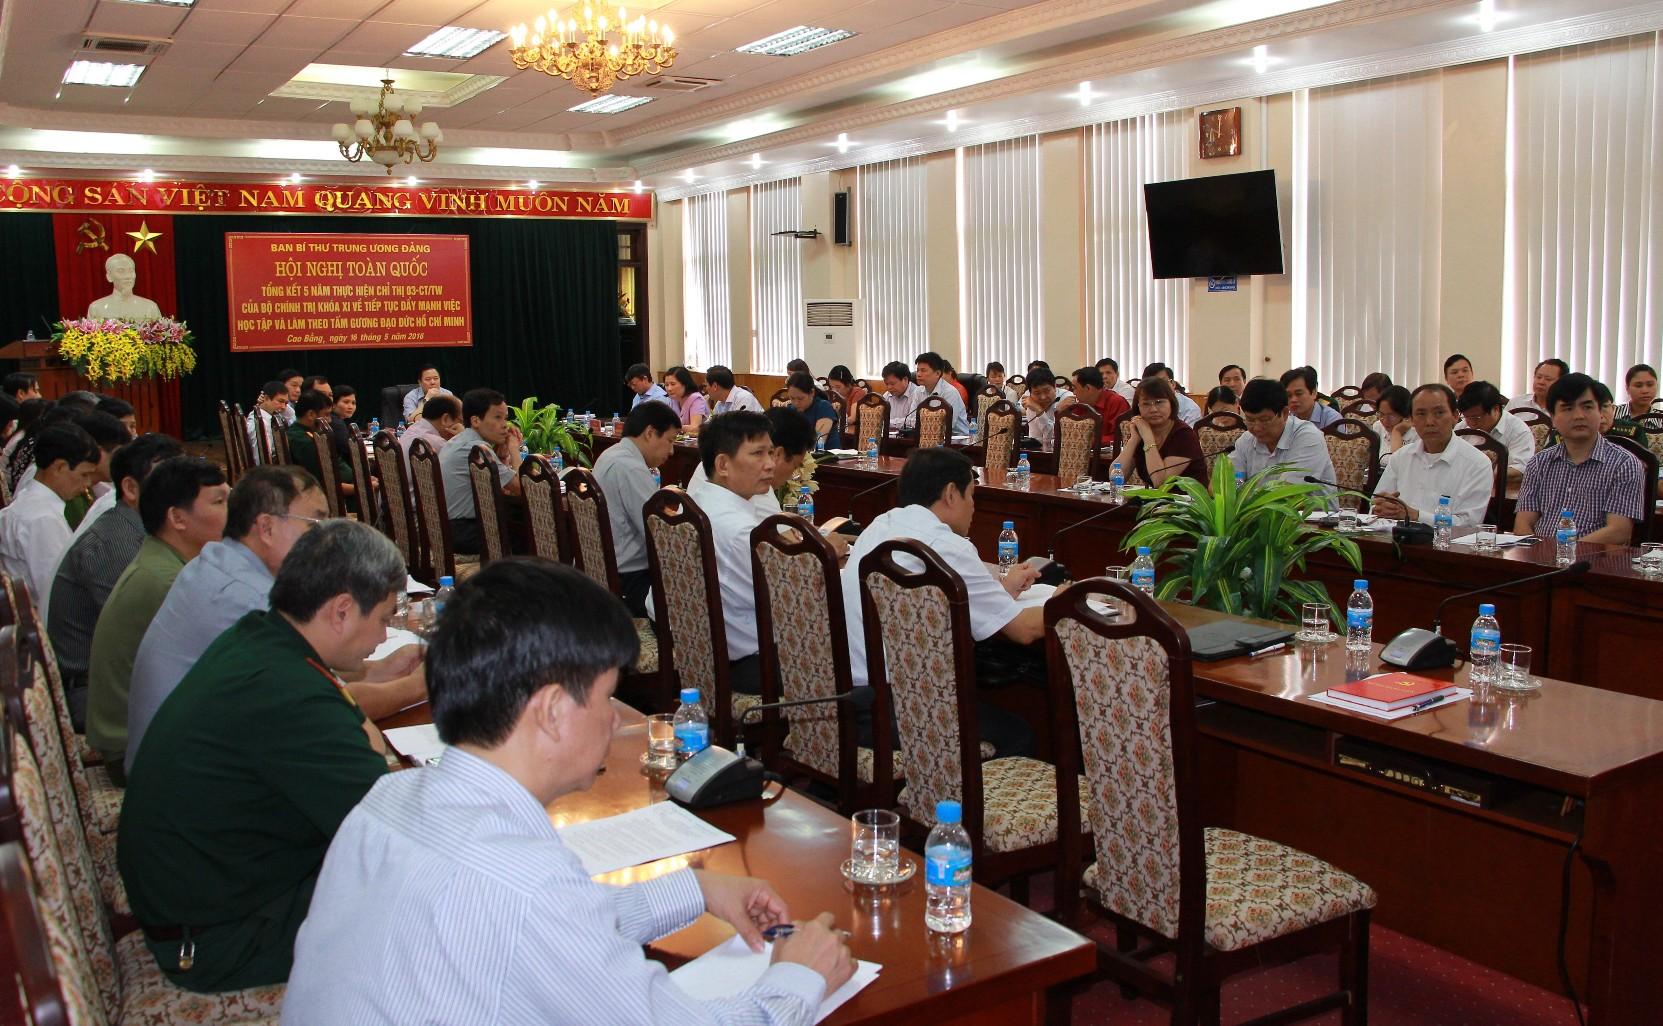 Tổng kết 5 năm thực hiện học tập và làm theo tấm gương đạo đức Hồ Chí Minh